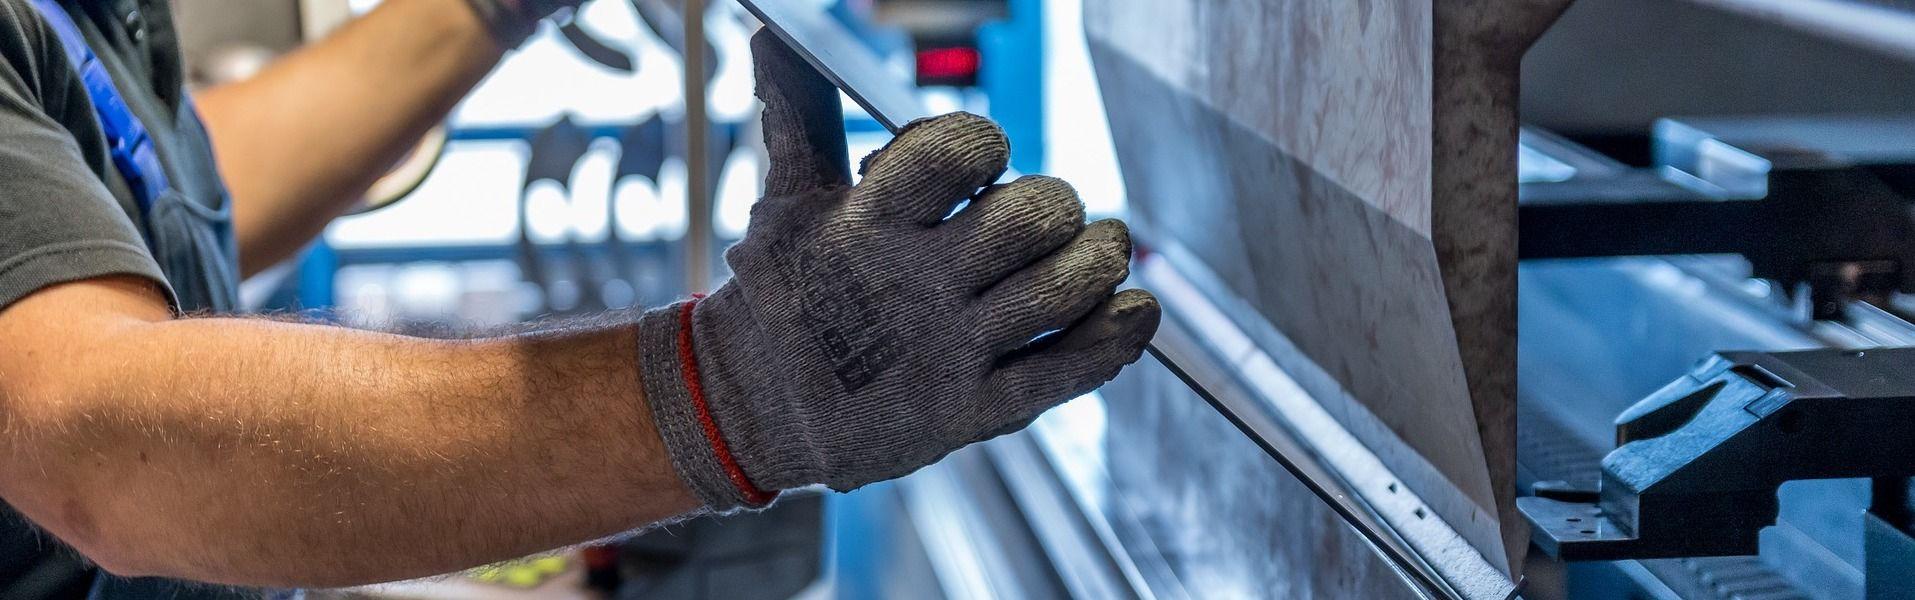 lavorazioni meccaniche industrie energivore